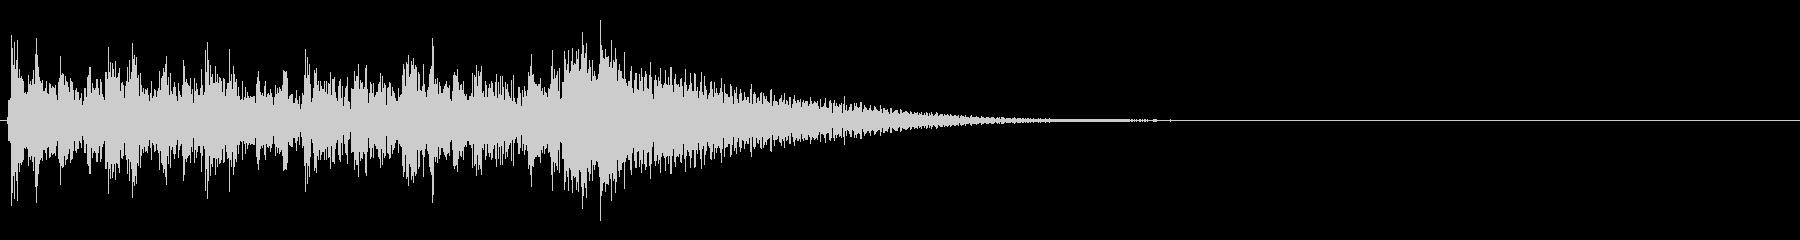 ファンタジックなアイキャッチの未再生の波形